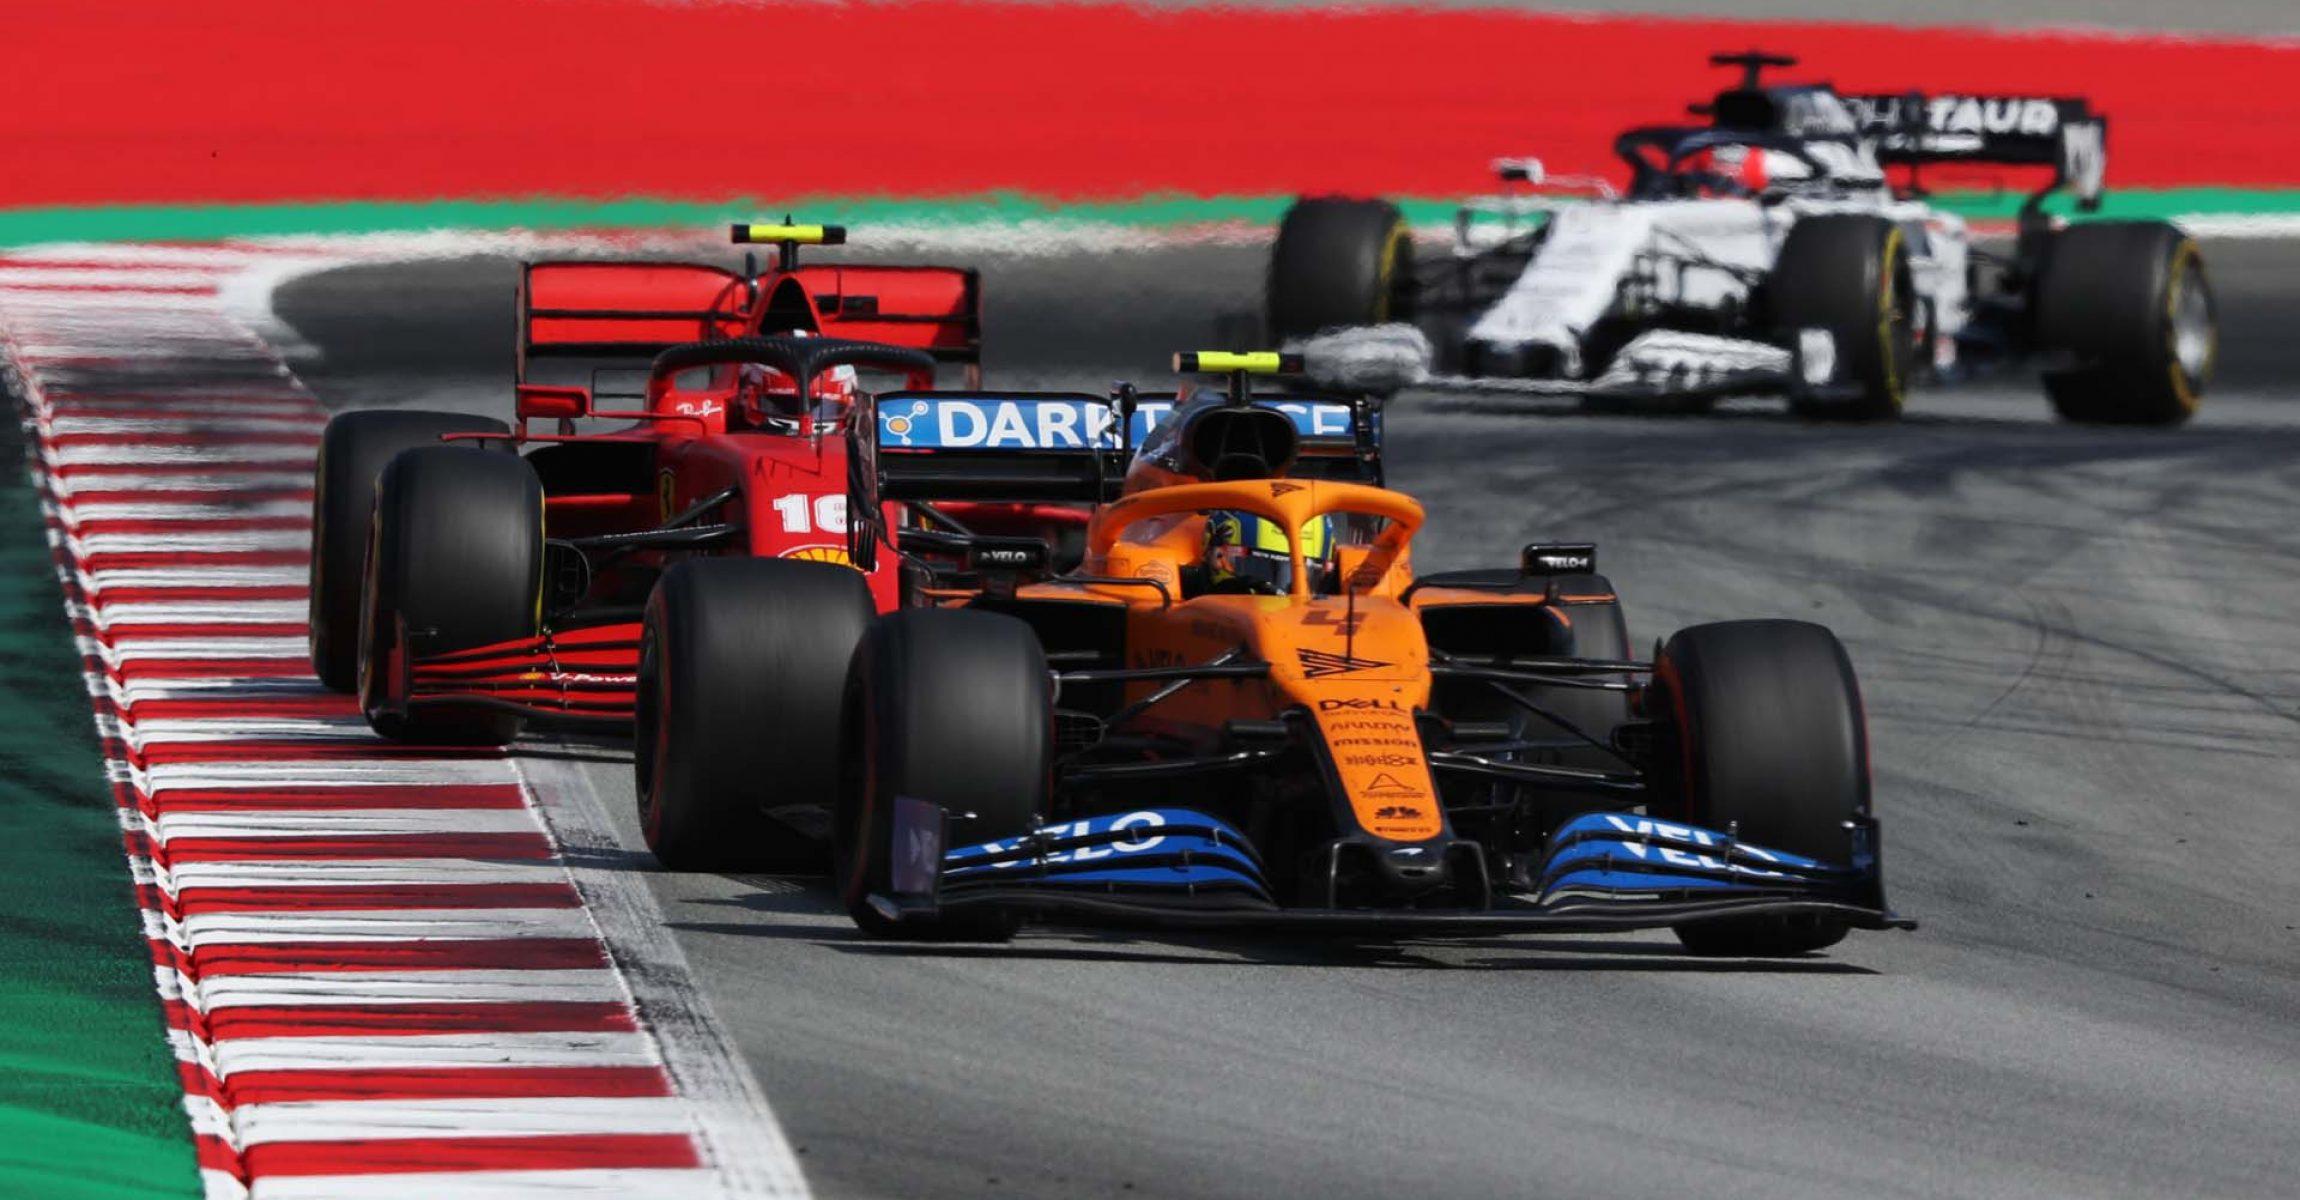 Lando Norris, McLaren MCL35, leads Charles Leclerc, Ferrari SF1000, and Daniil Kvyat, AlphaTauri AT01